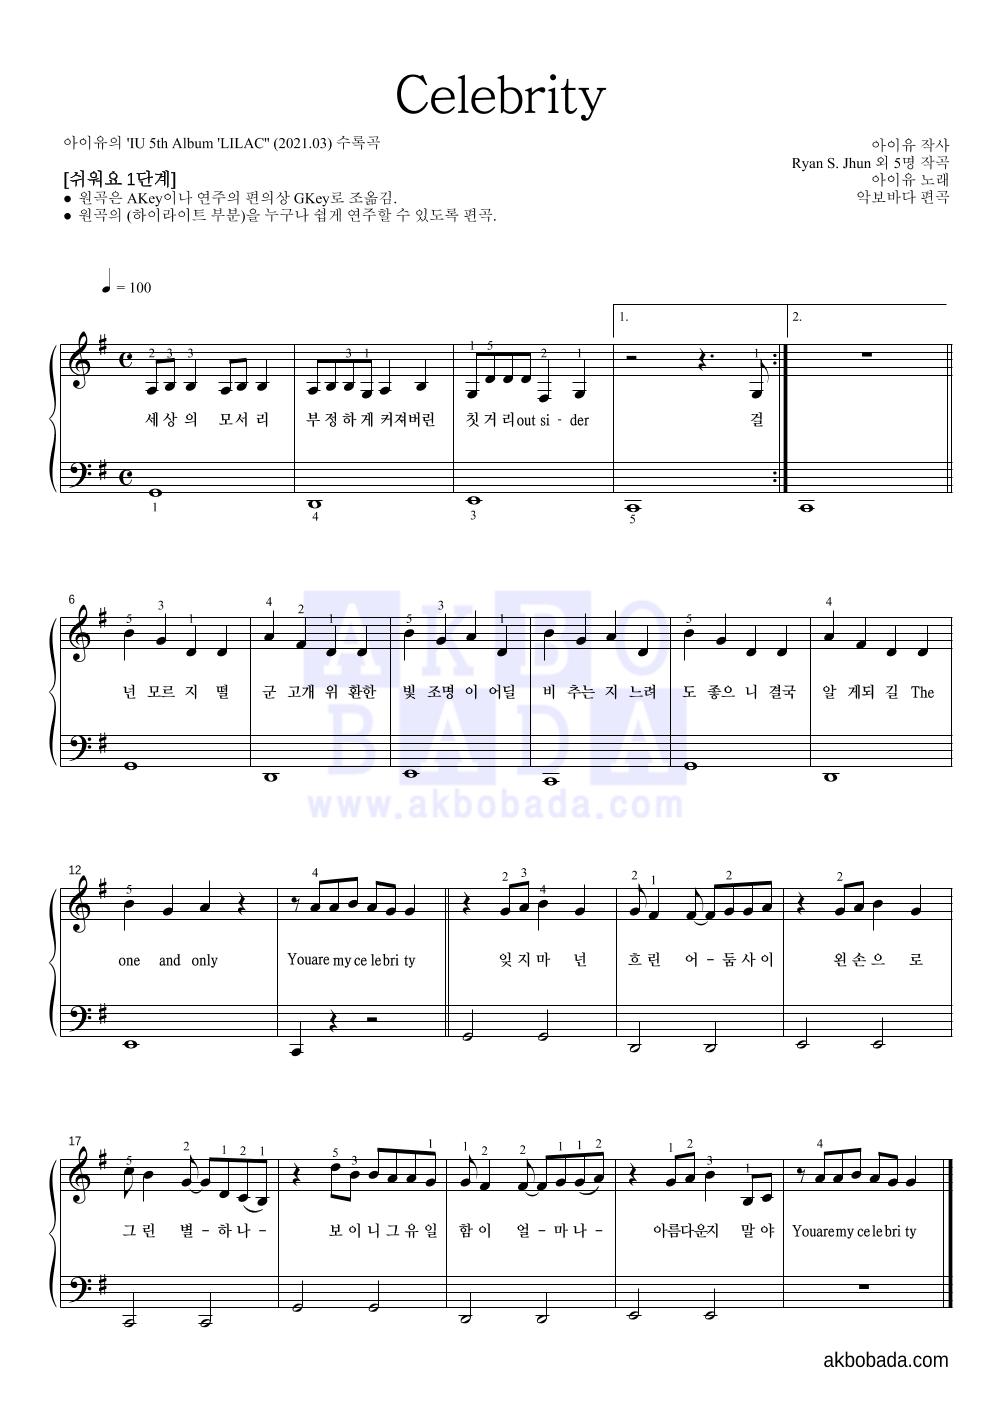 아이유 - Celebrity 피아노2단-쉬워요 악보